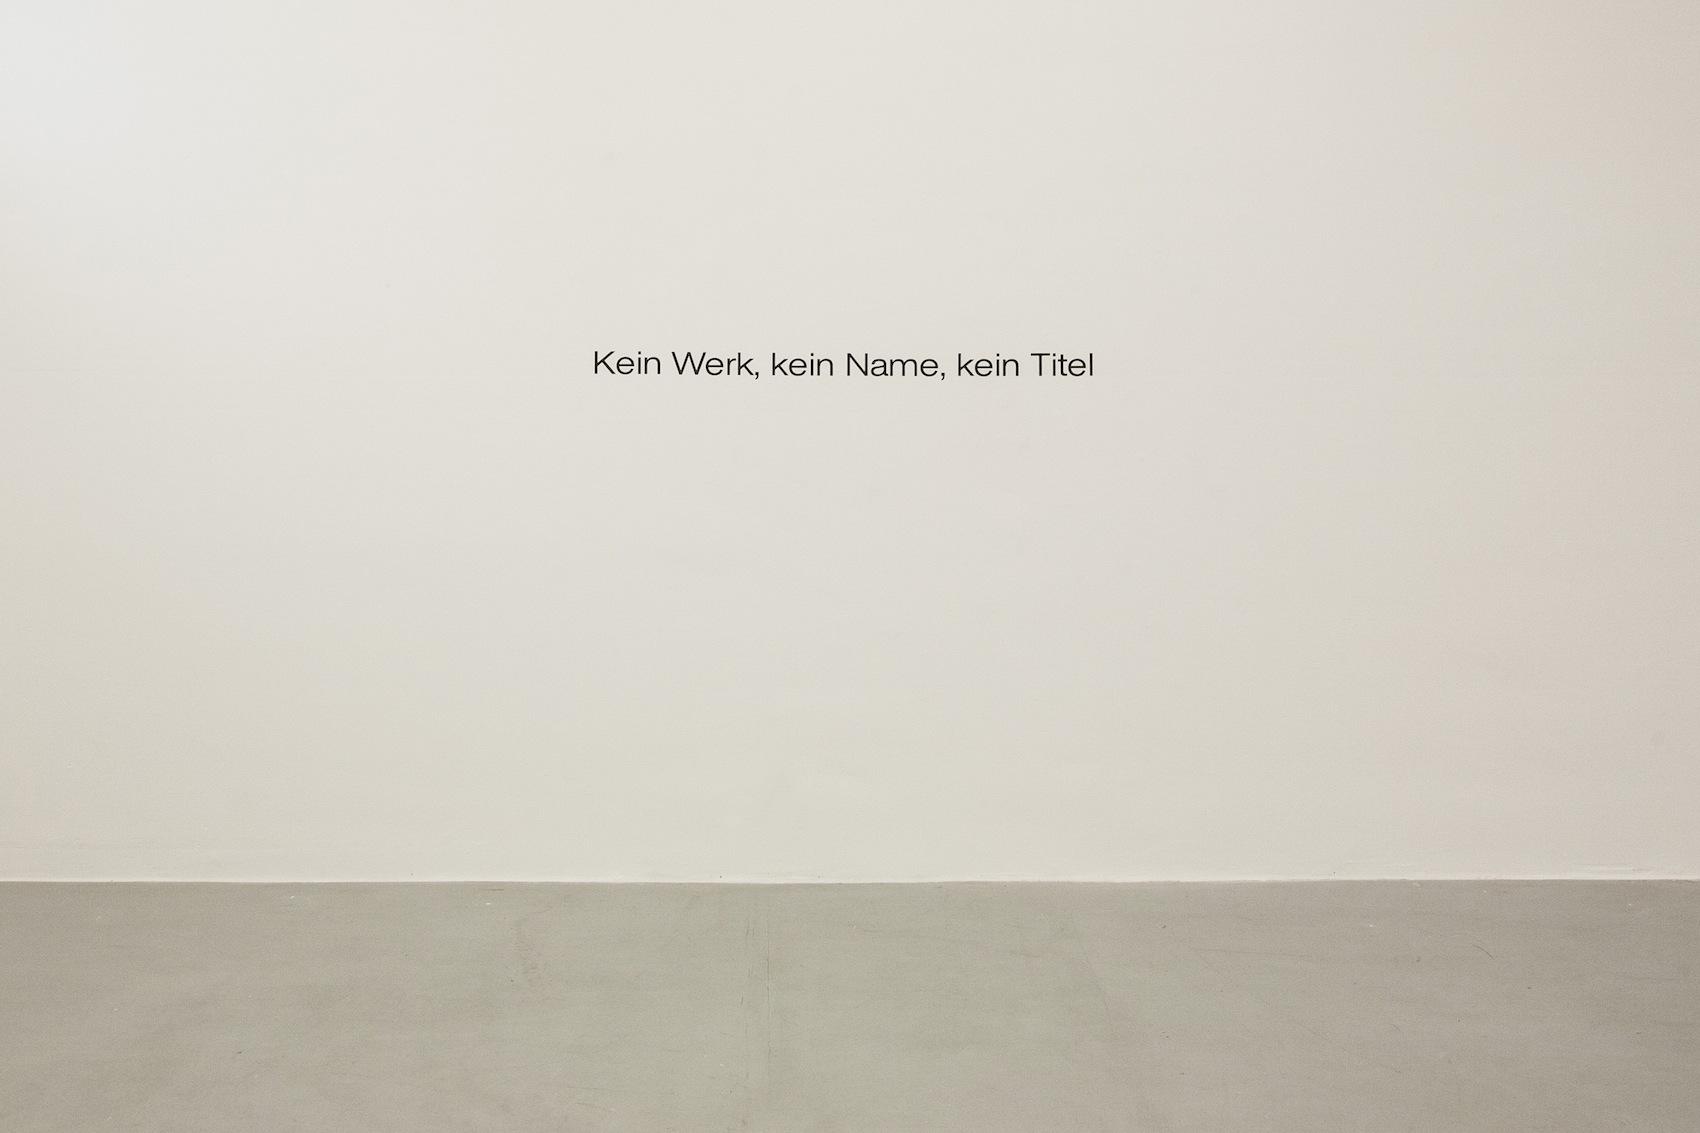 Wer erkennts? Diese Arbeit von Denis Handschin ist während der «Regionale» ausgestellt – Handschins Name ist aber nirgends aufgeführt.